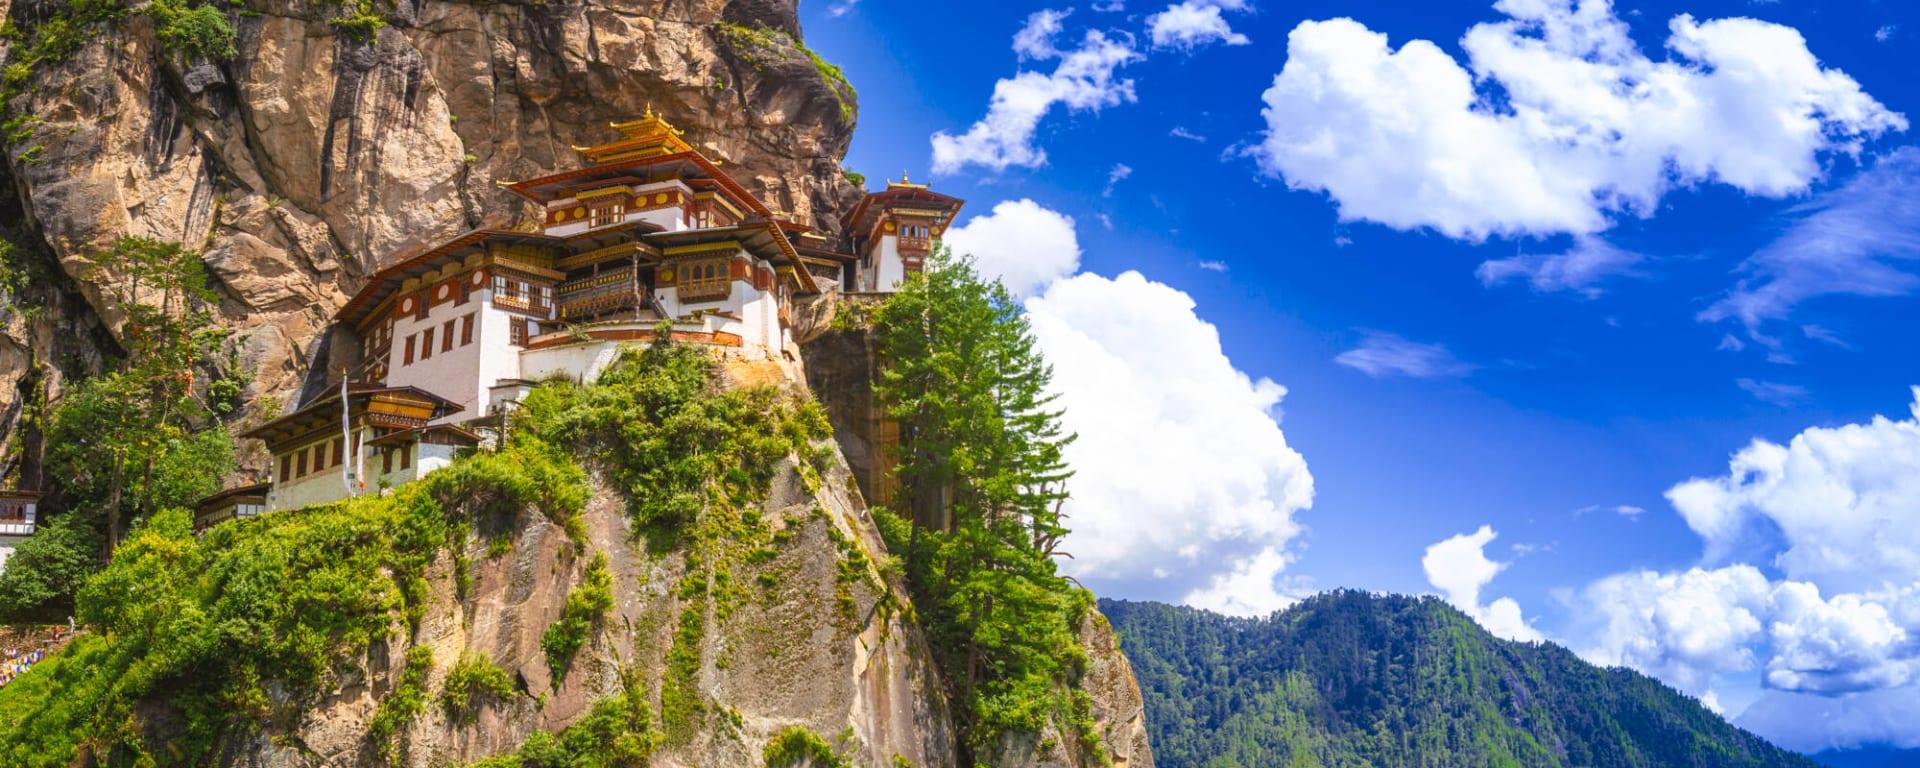 Bhutan entdecken mit Tischler Reisen: Bhutan Tigernest Kloster